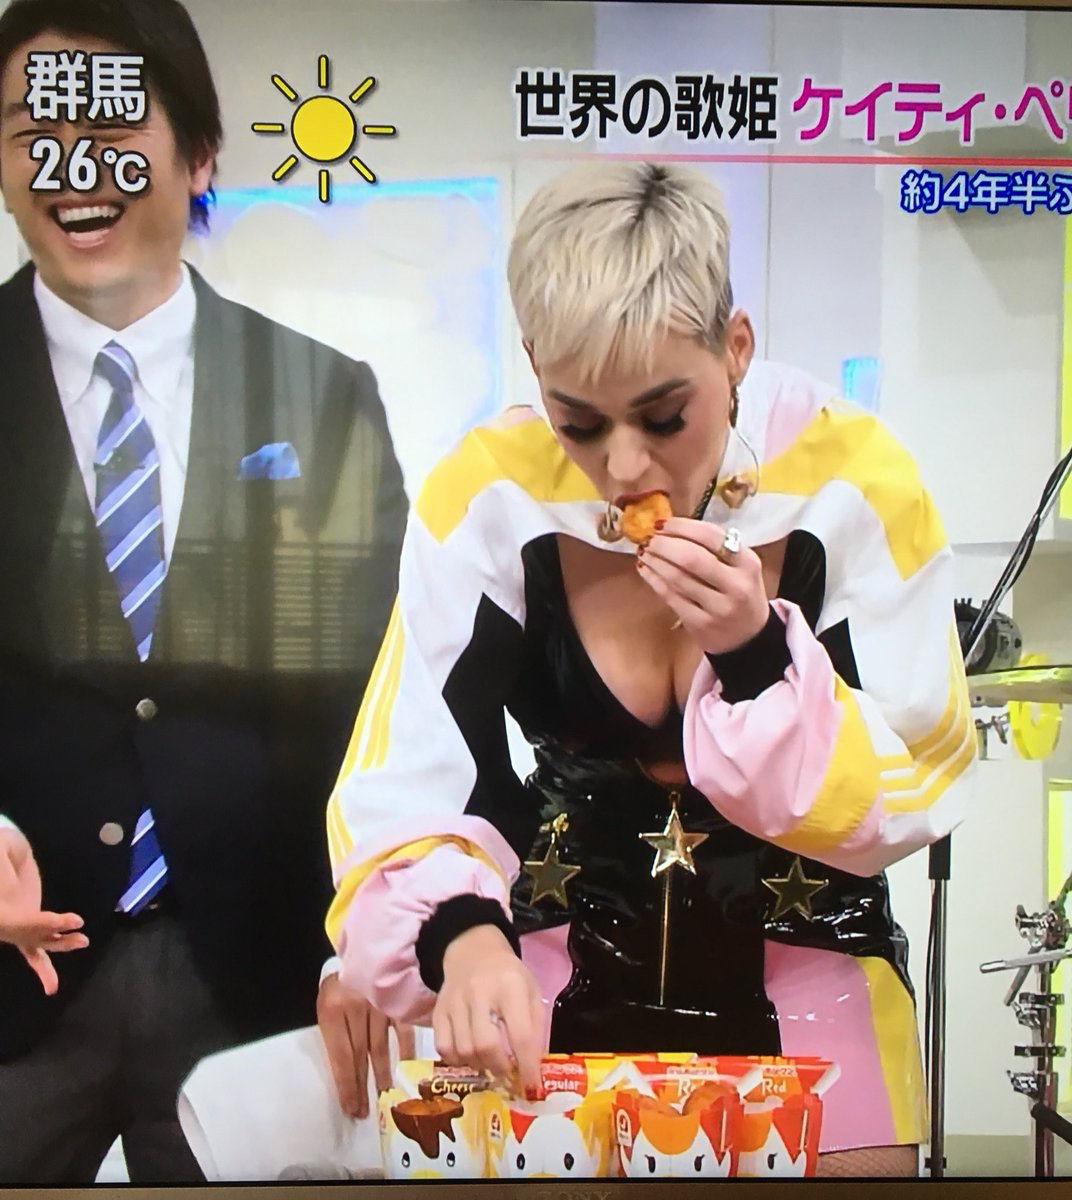 【悲報】スッキリで放送事故!世界の歌姫にからあげクンを食わせるもゲボさせてしまい世界中で大炎上